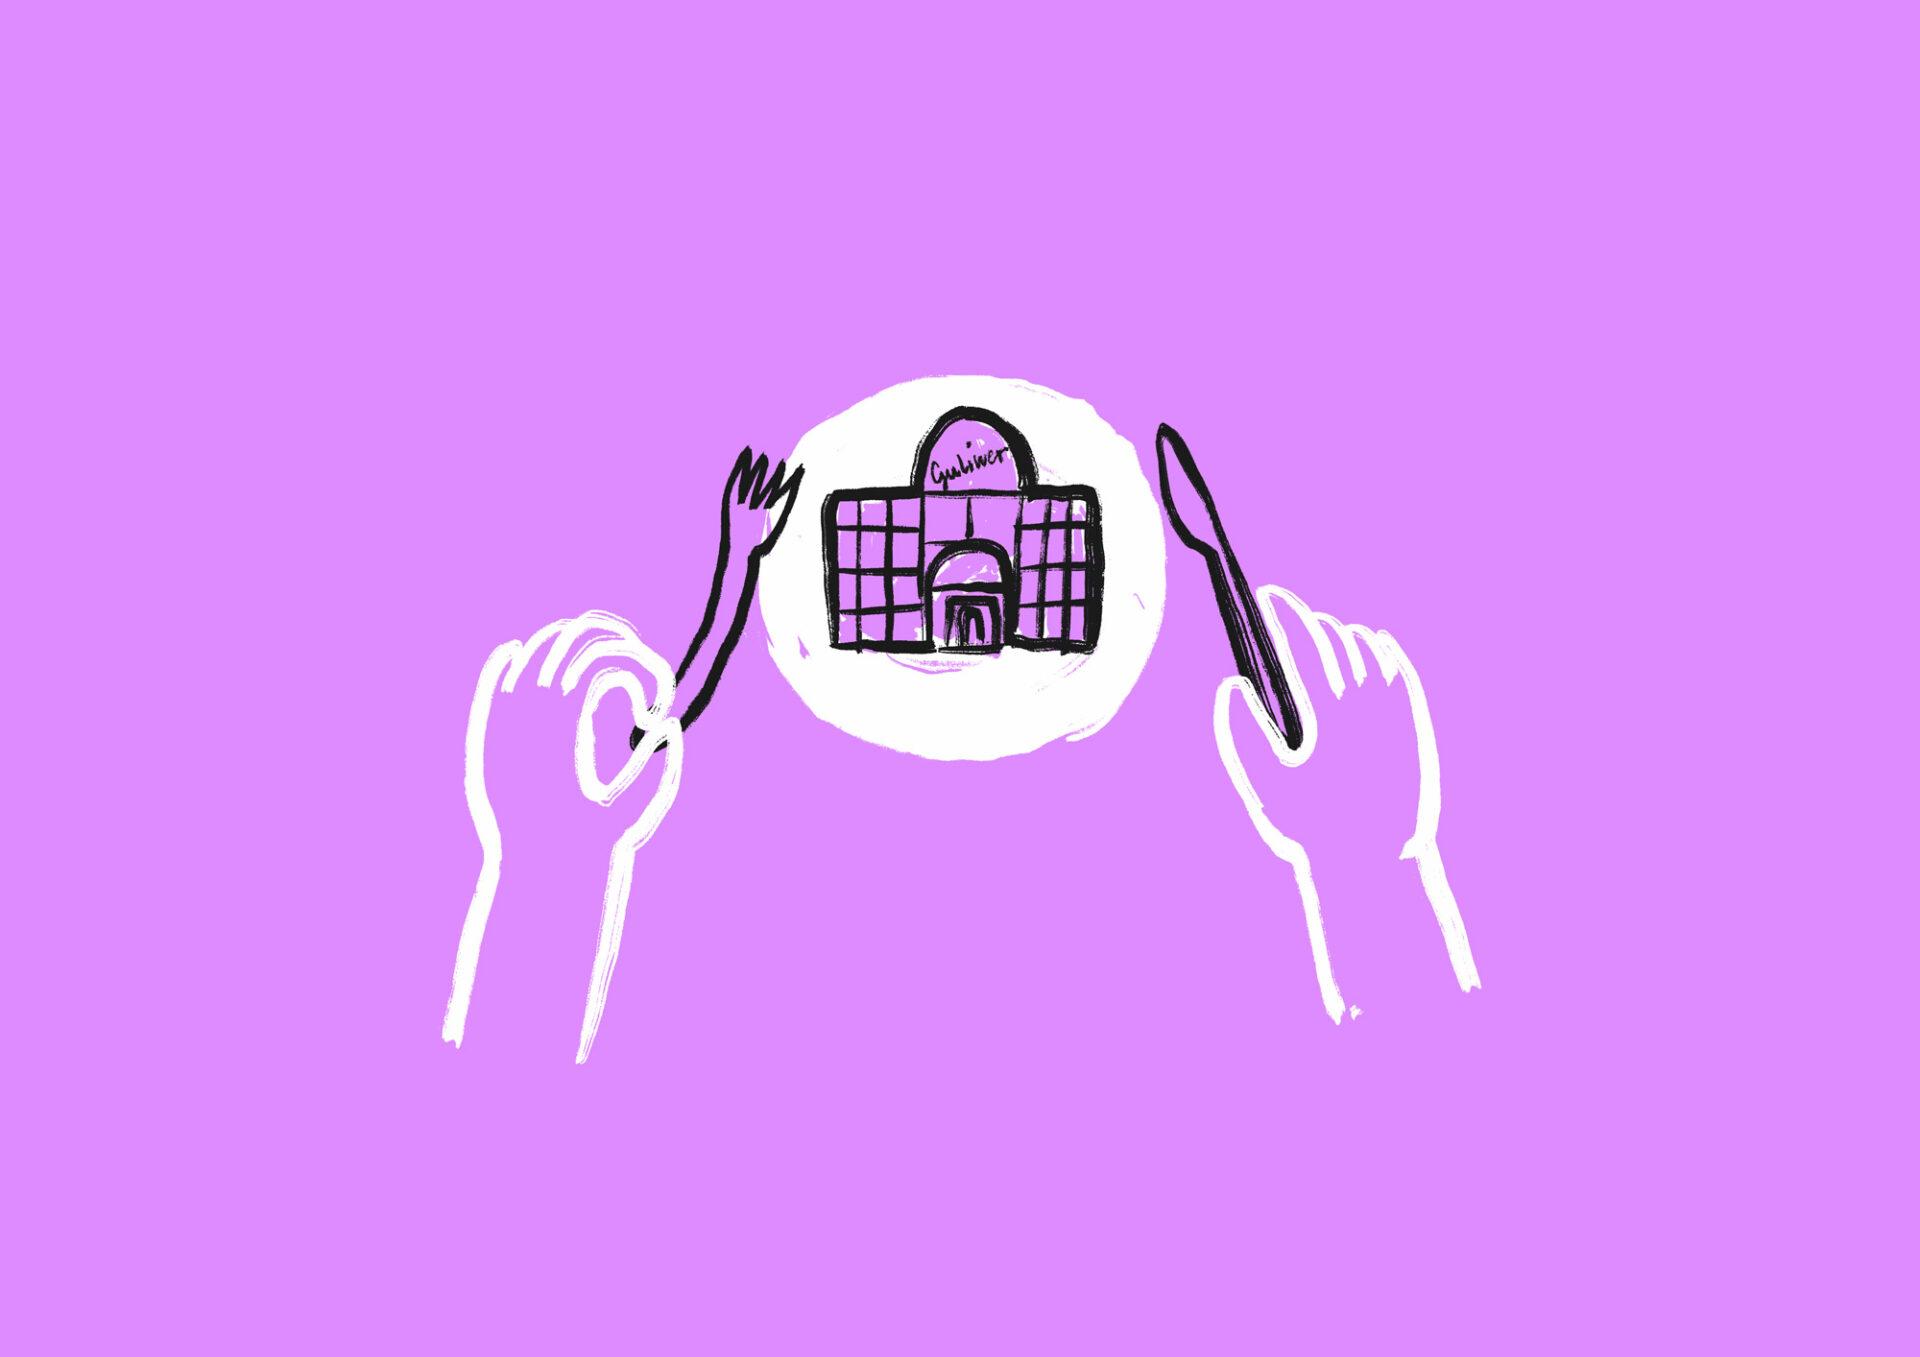 Grafika przedstawia dłonie ze sztućcami oraz talerz, na którym znajduje się budynek Teatru Guliwer.